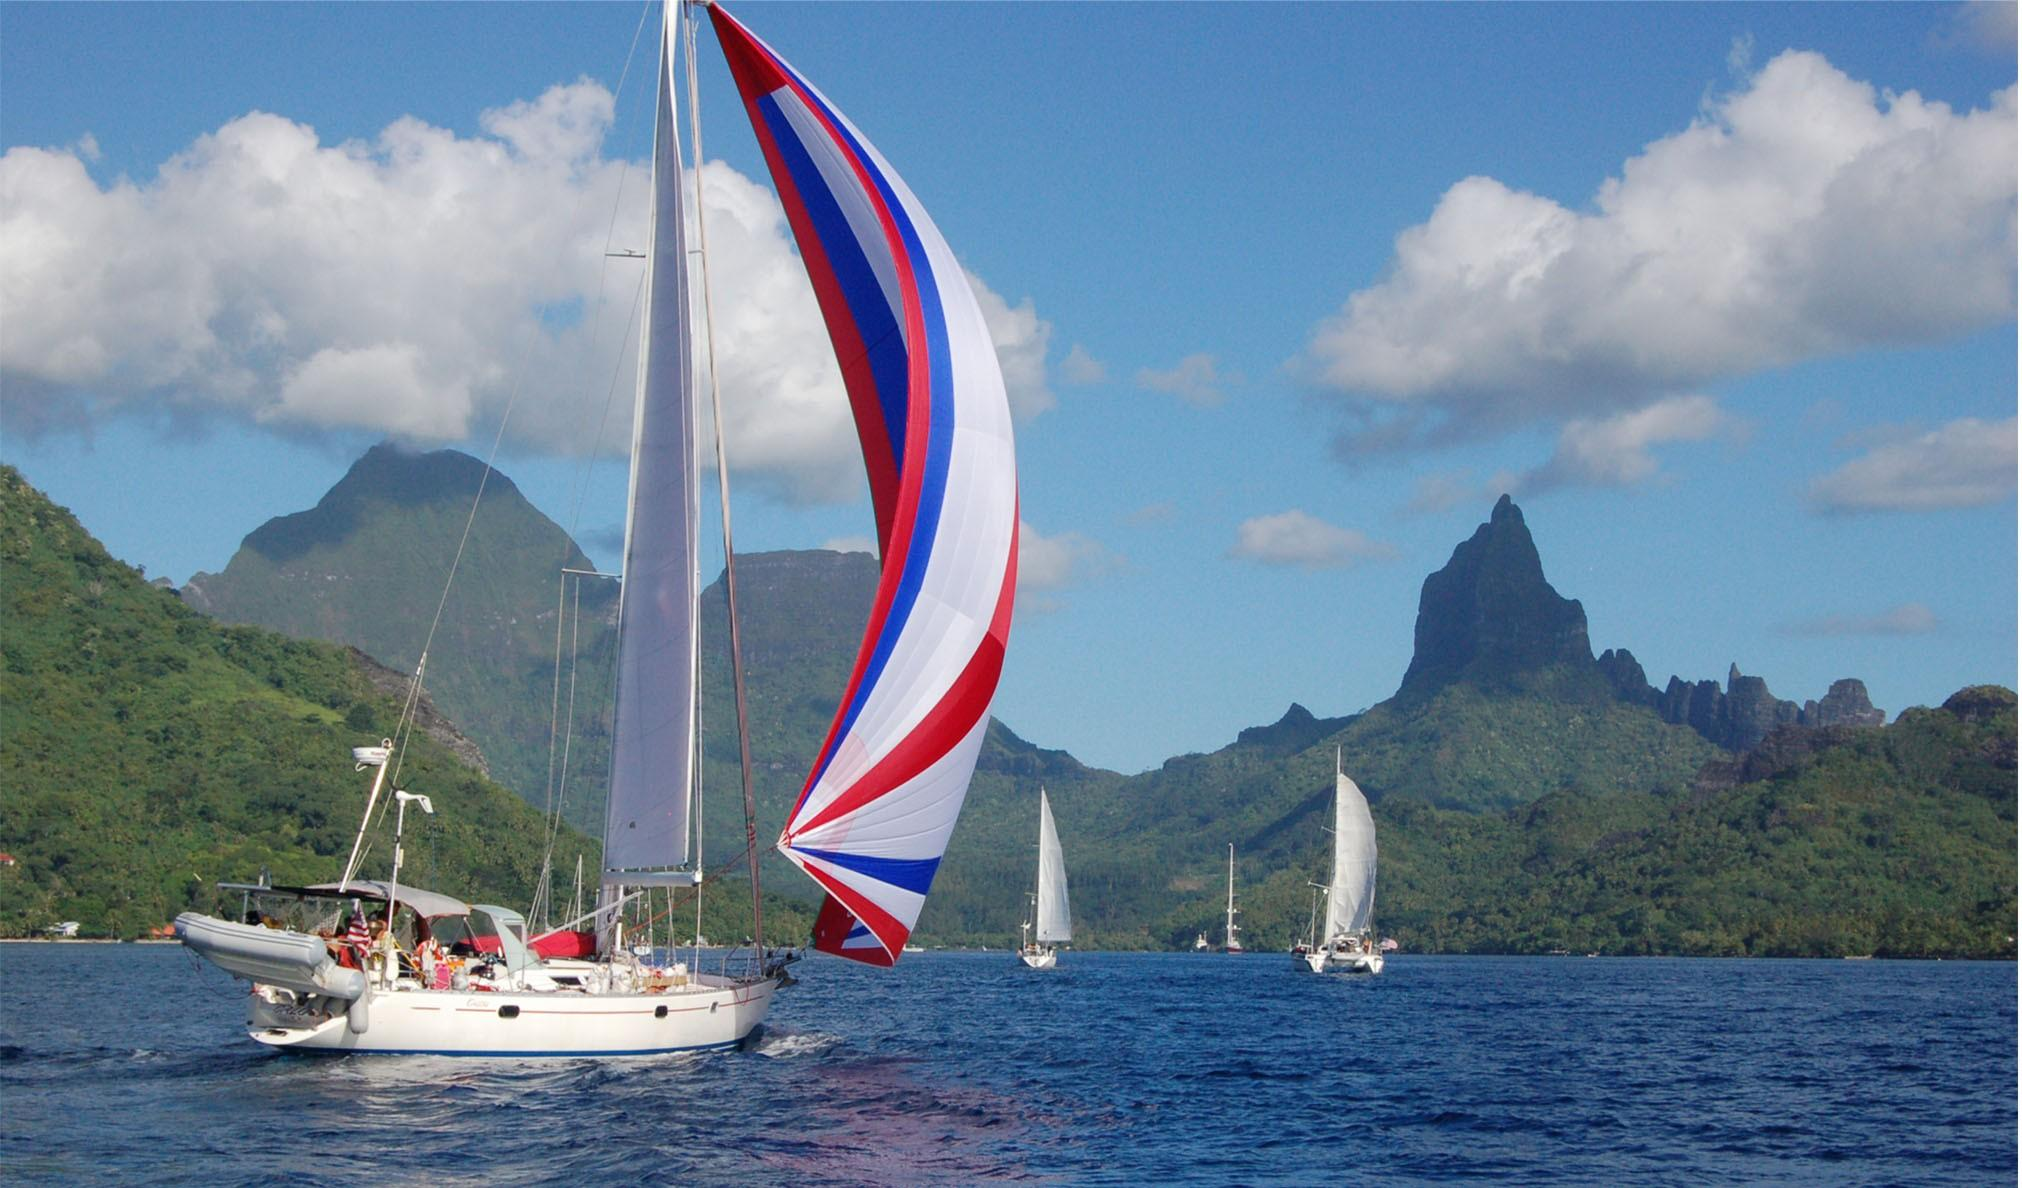 47 Jeanneau 1992 Nuevo Vallarta | Denison Yacht Sales on